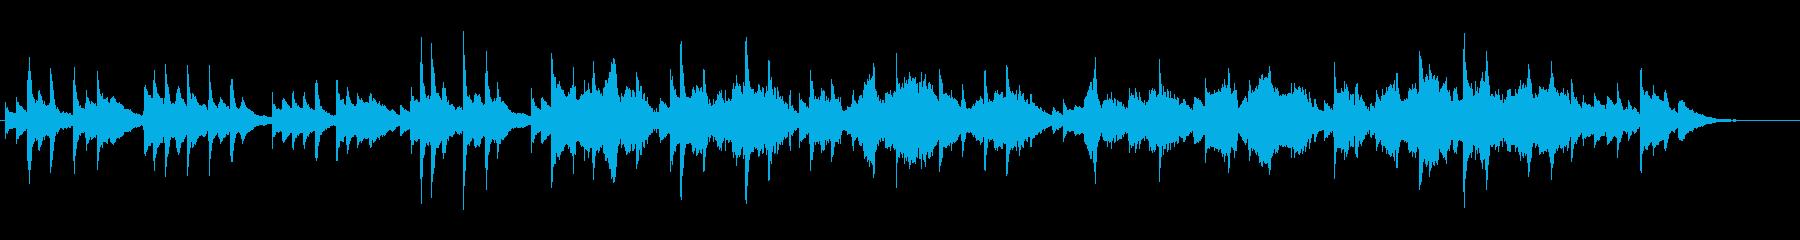 ピアノとヴァイオリンのクラシック風BGMの再生済みの波形